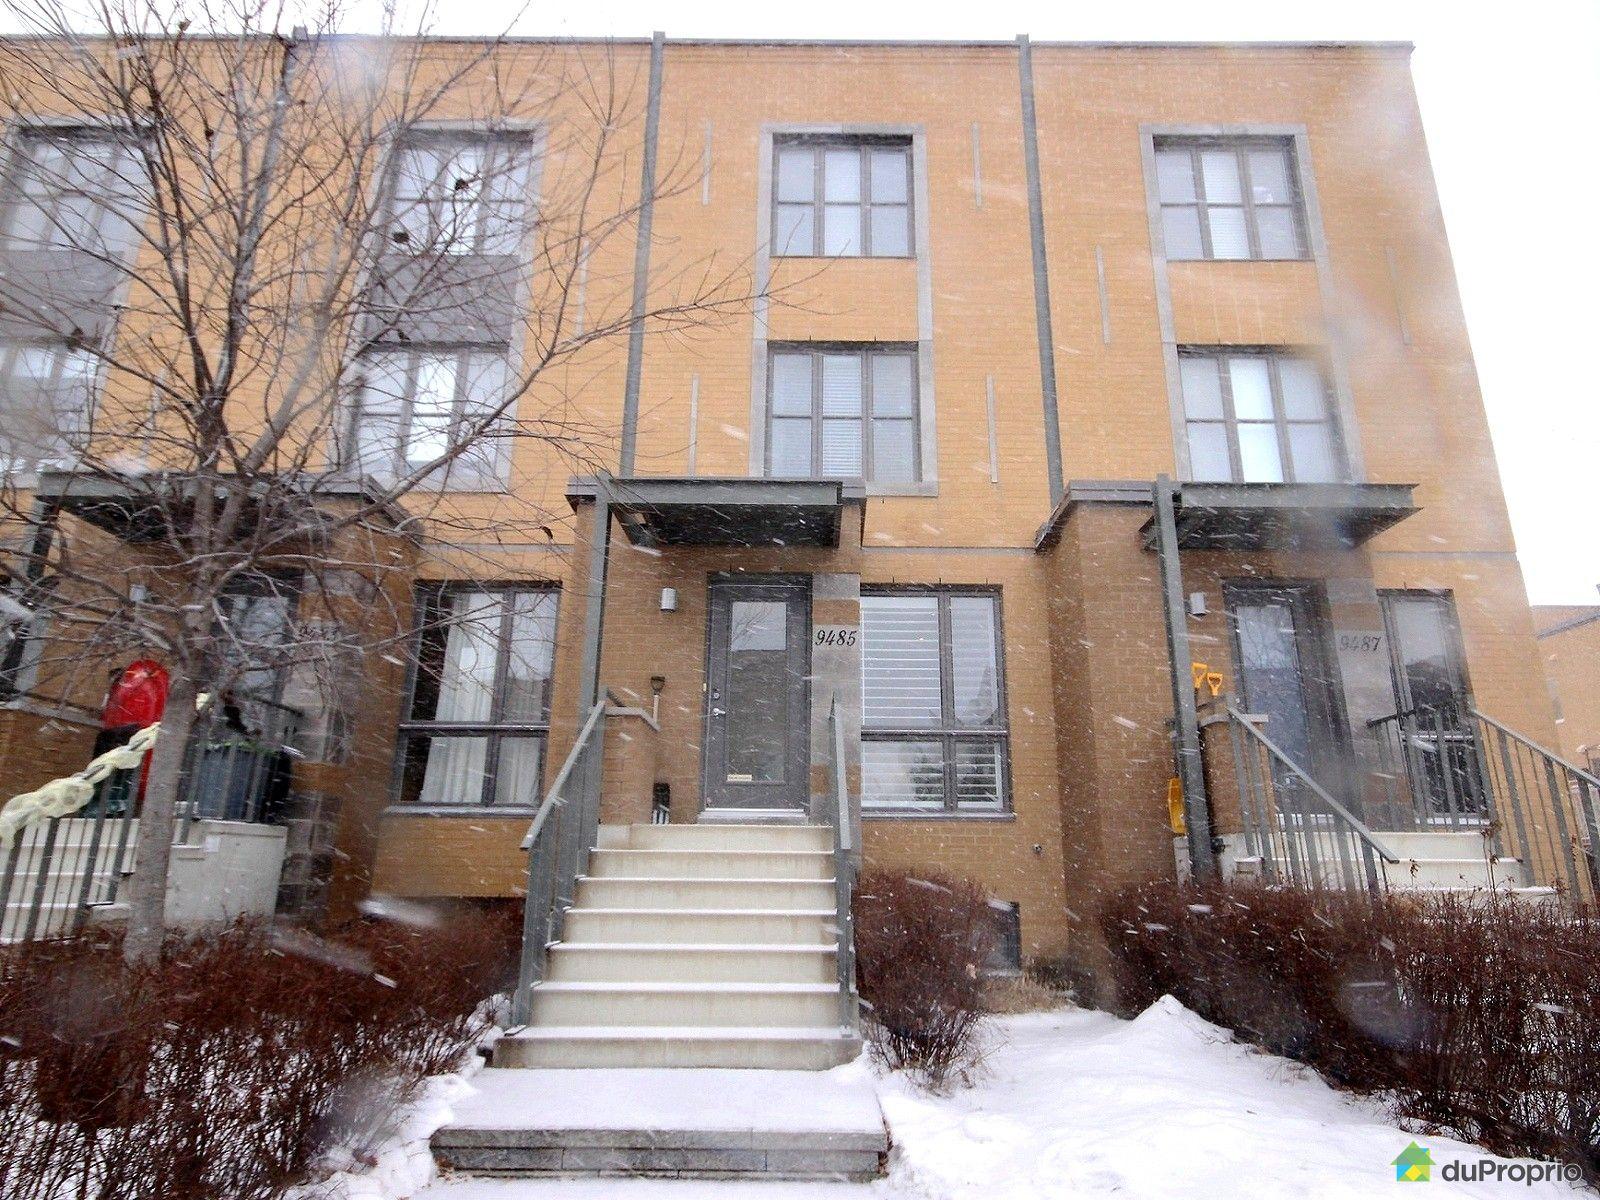 Maison vendre montr al 9485 rue rousseau immobilier for Prix maison maisonneuve